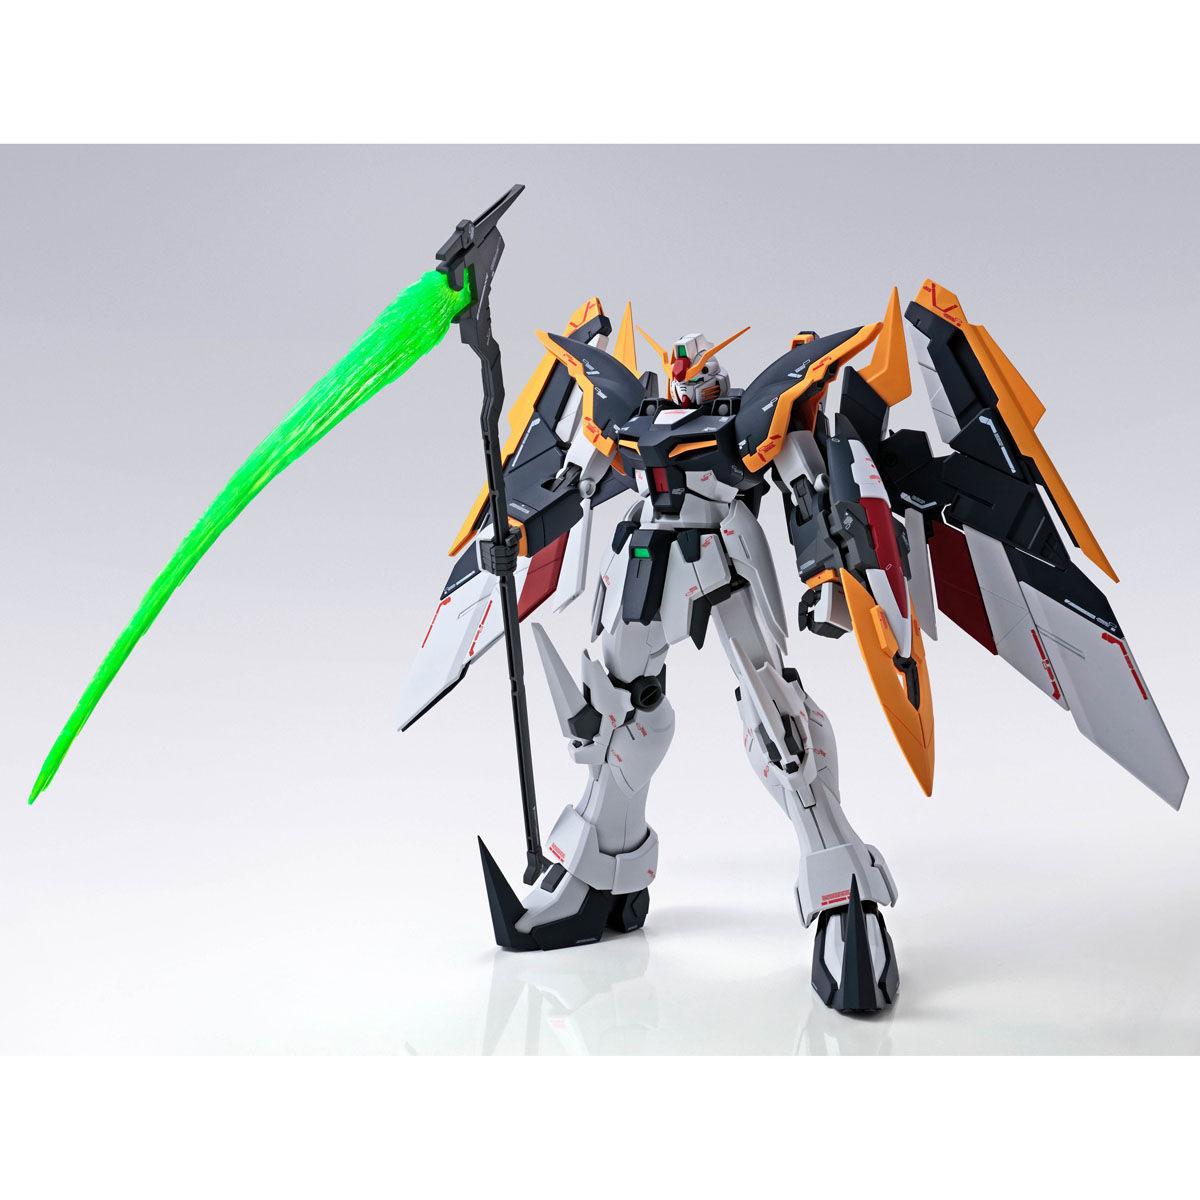 【限定販売】MG 1/100『ガンダムデスサイズ EW(ルーセット装備)』ガンダムW プラモデル-002